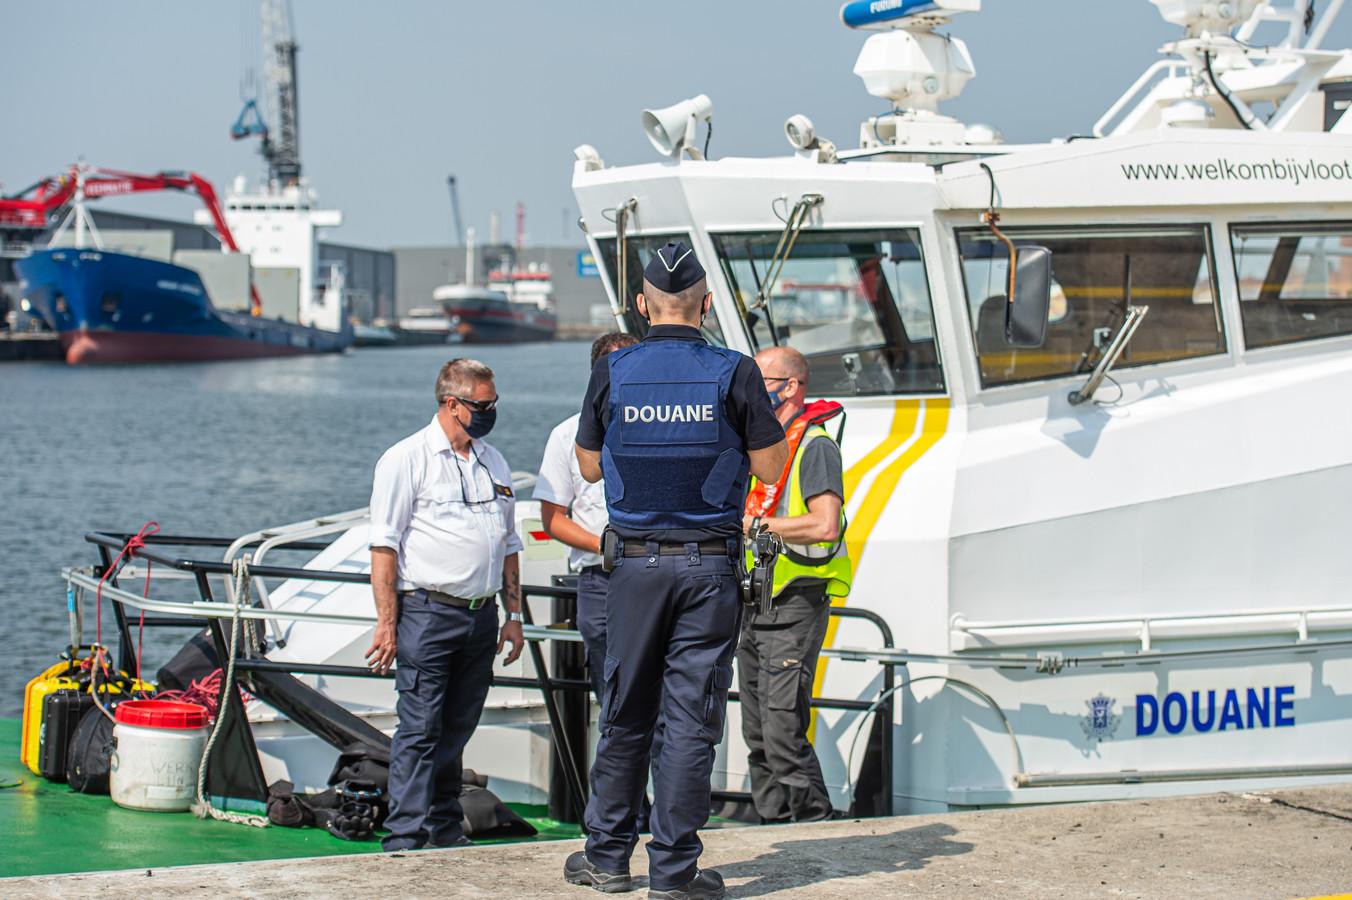 De douanier was bevoegd om containers te selecteren die voor extra controle in aanmerking kwamen.